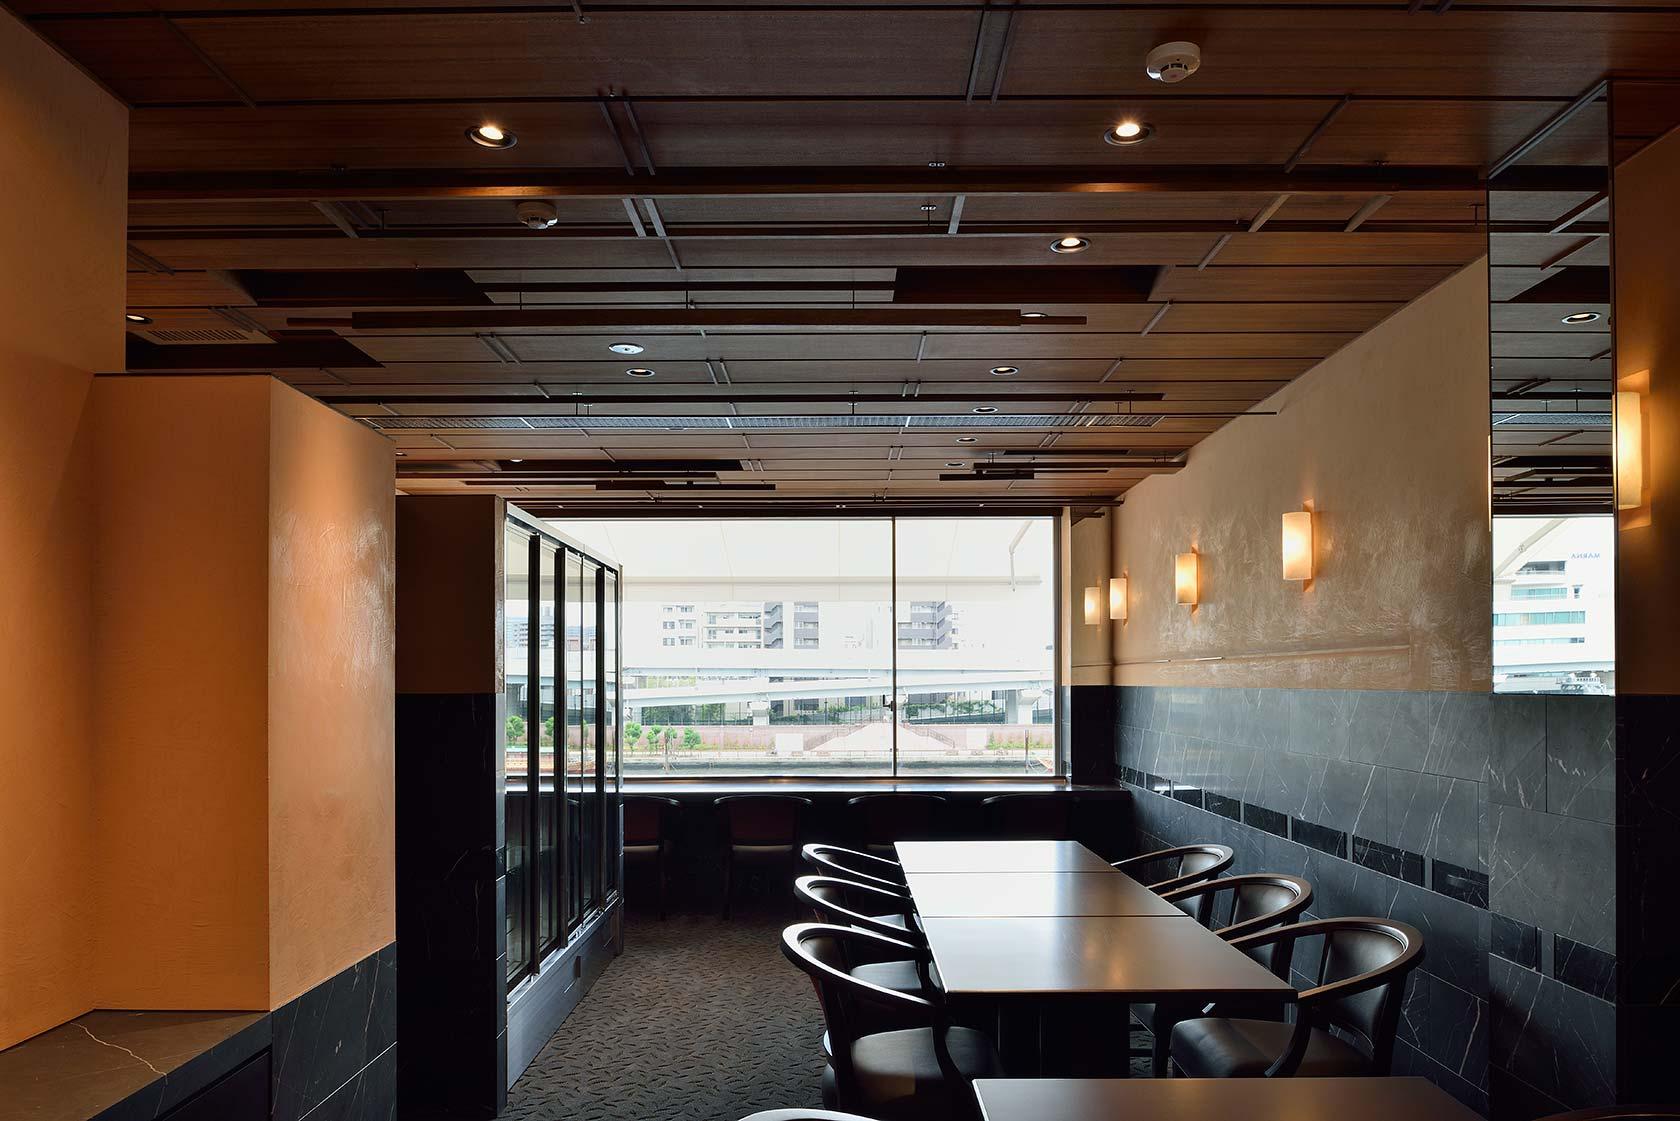 ナベノイズム17-階段側から3階客室を見る